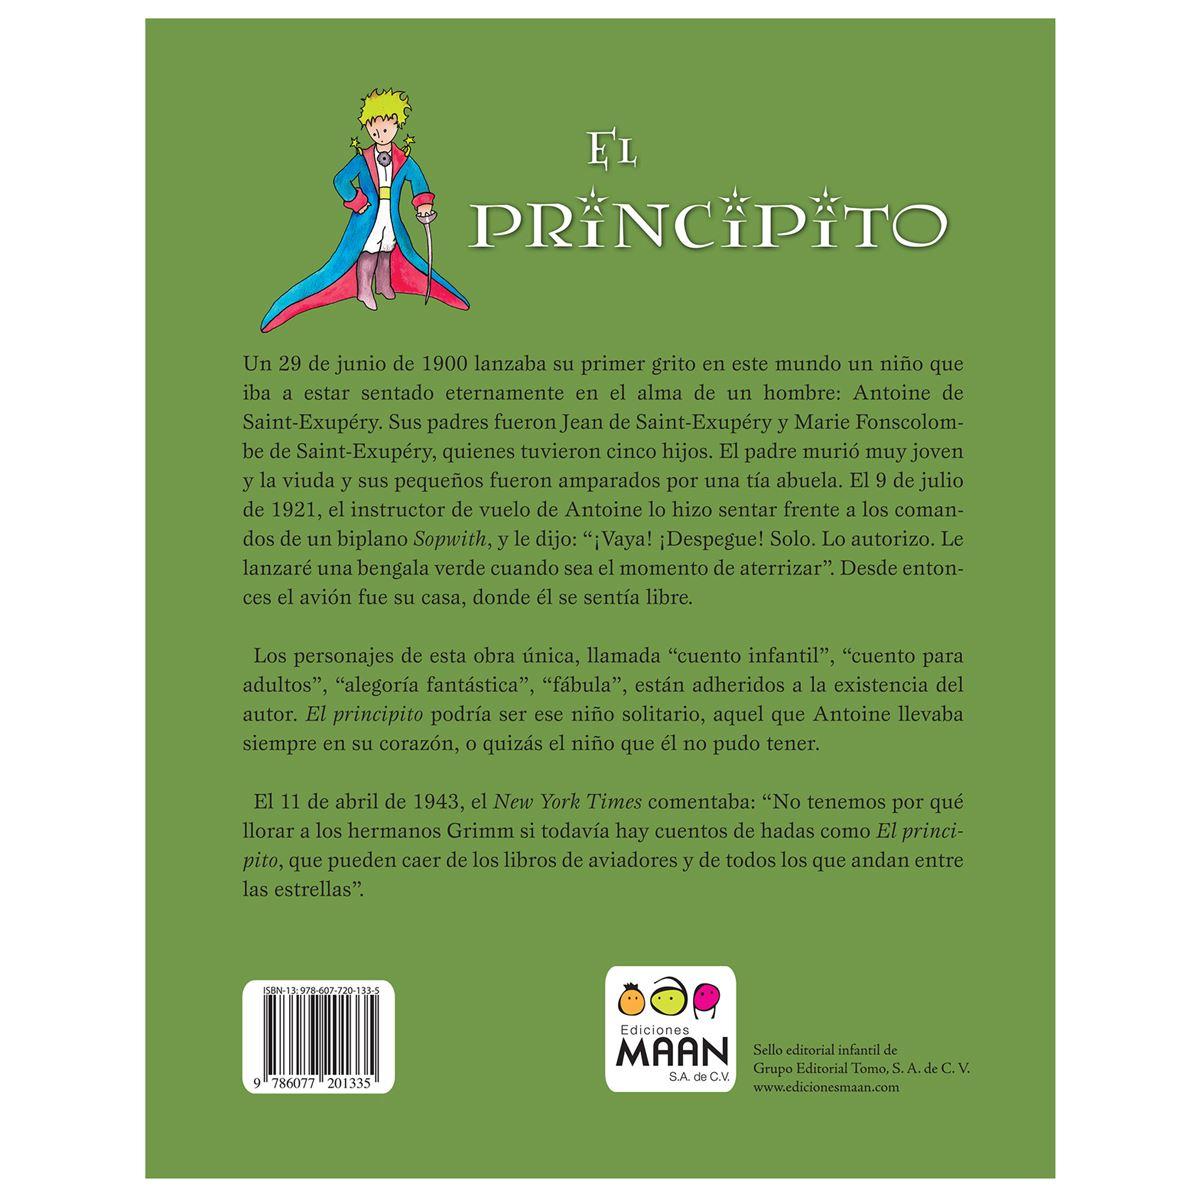 El principito Libro - Sanborns